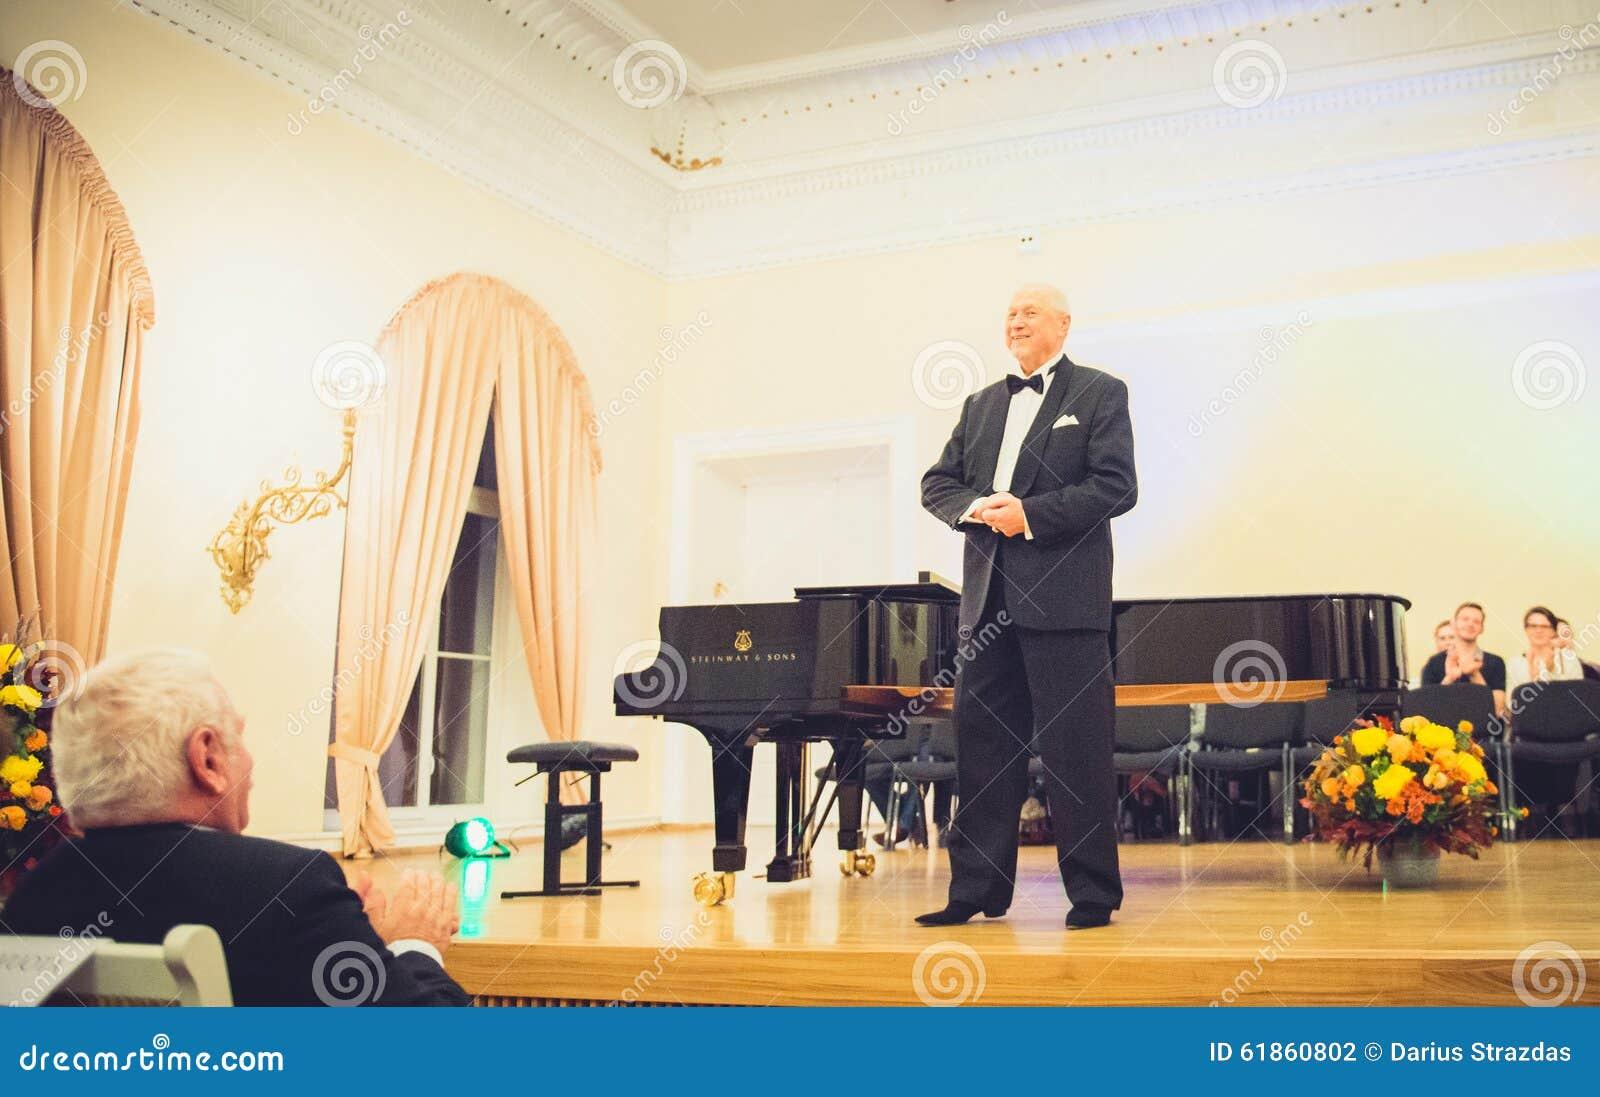 V Noreika, opera piosenkarz